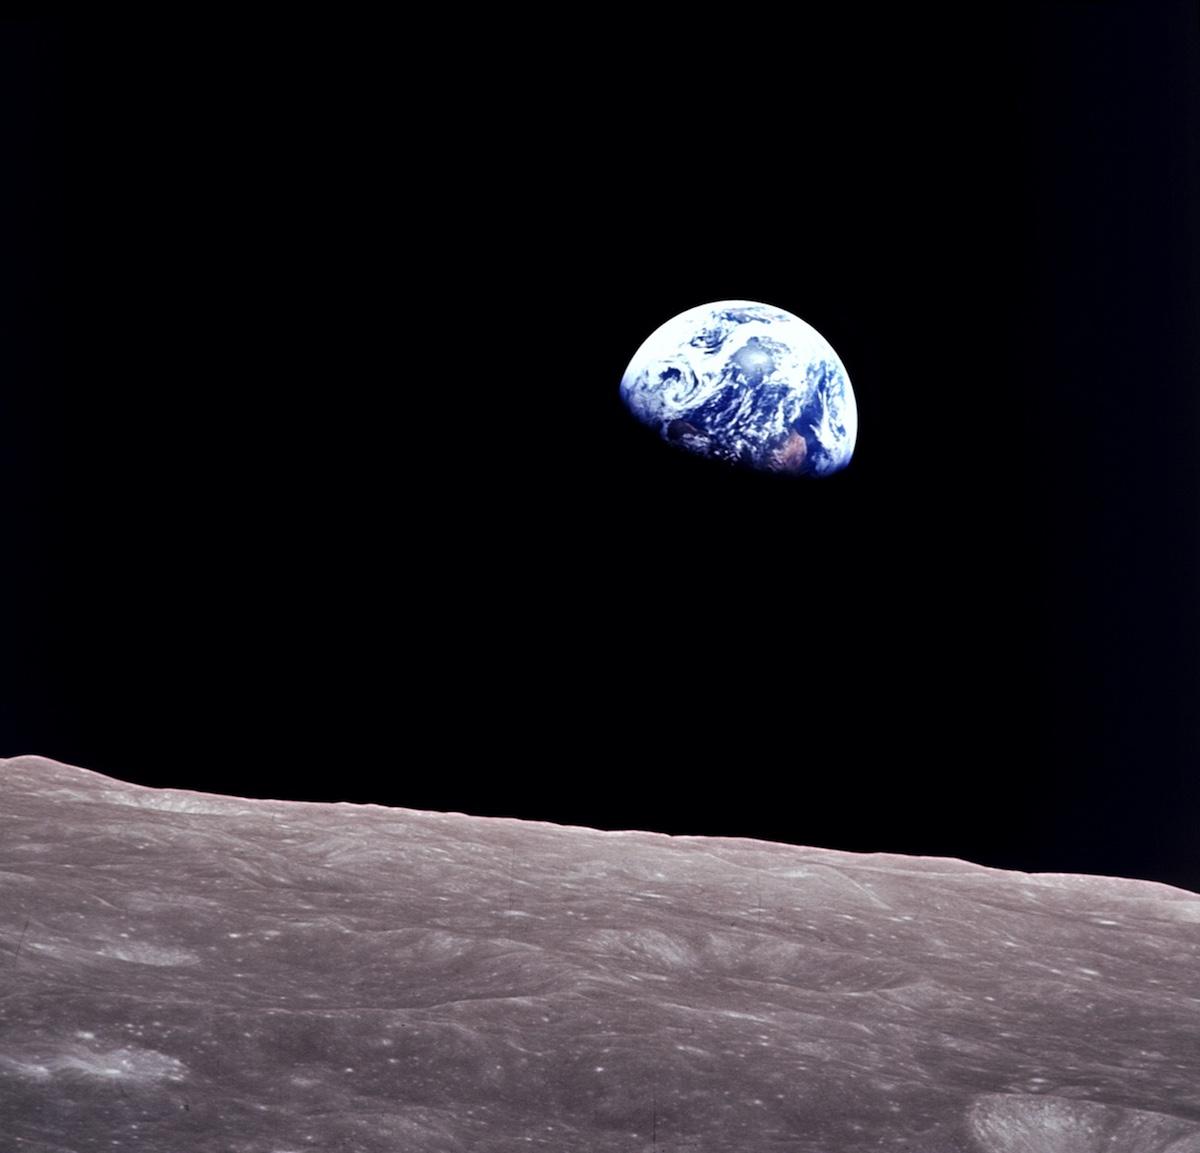 Apolo 8. Terra vista do espaço